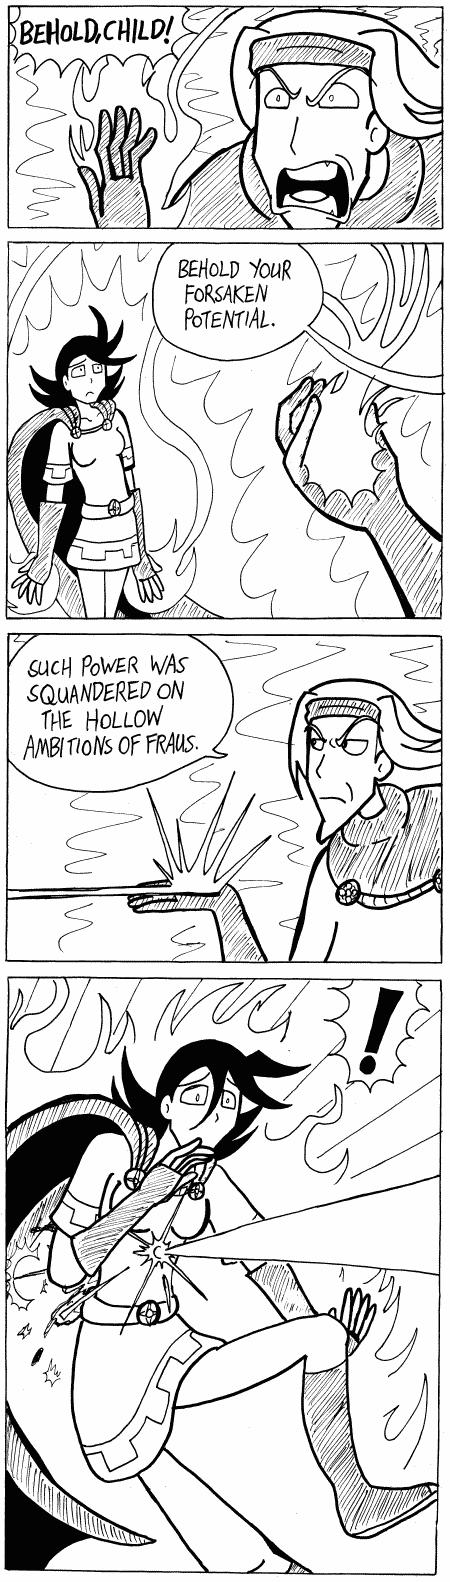 (#135) Forsaken Potential